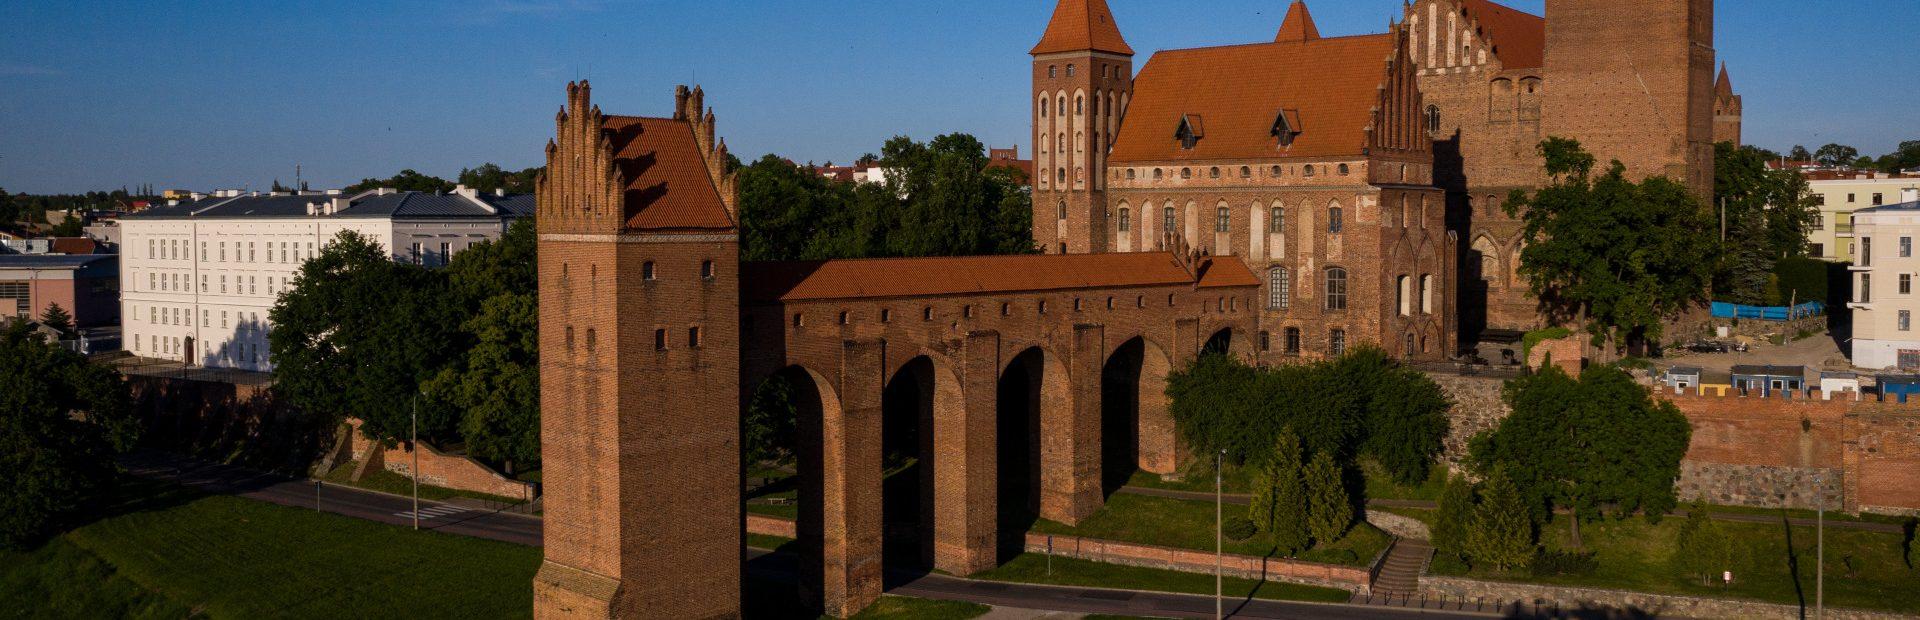 The Castle in Kwidzyn